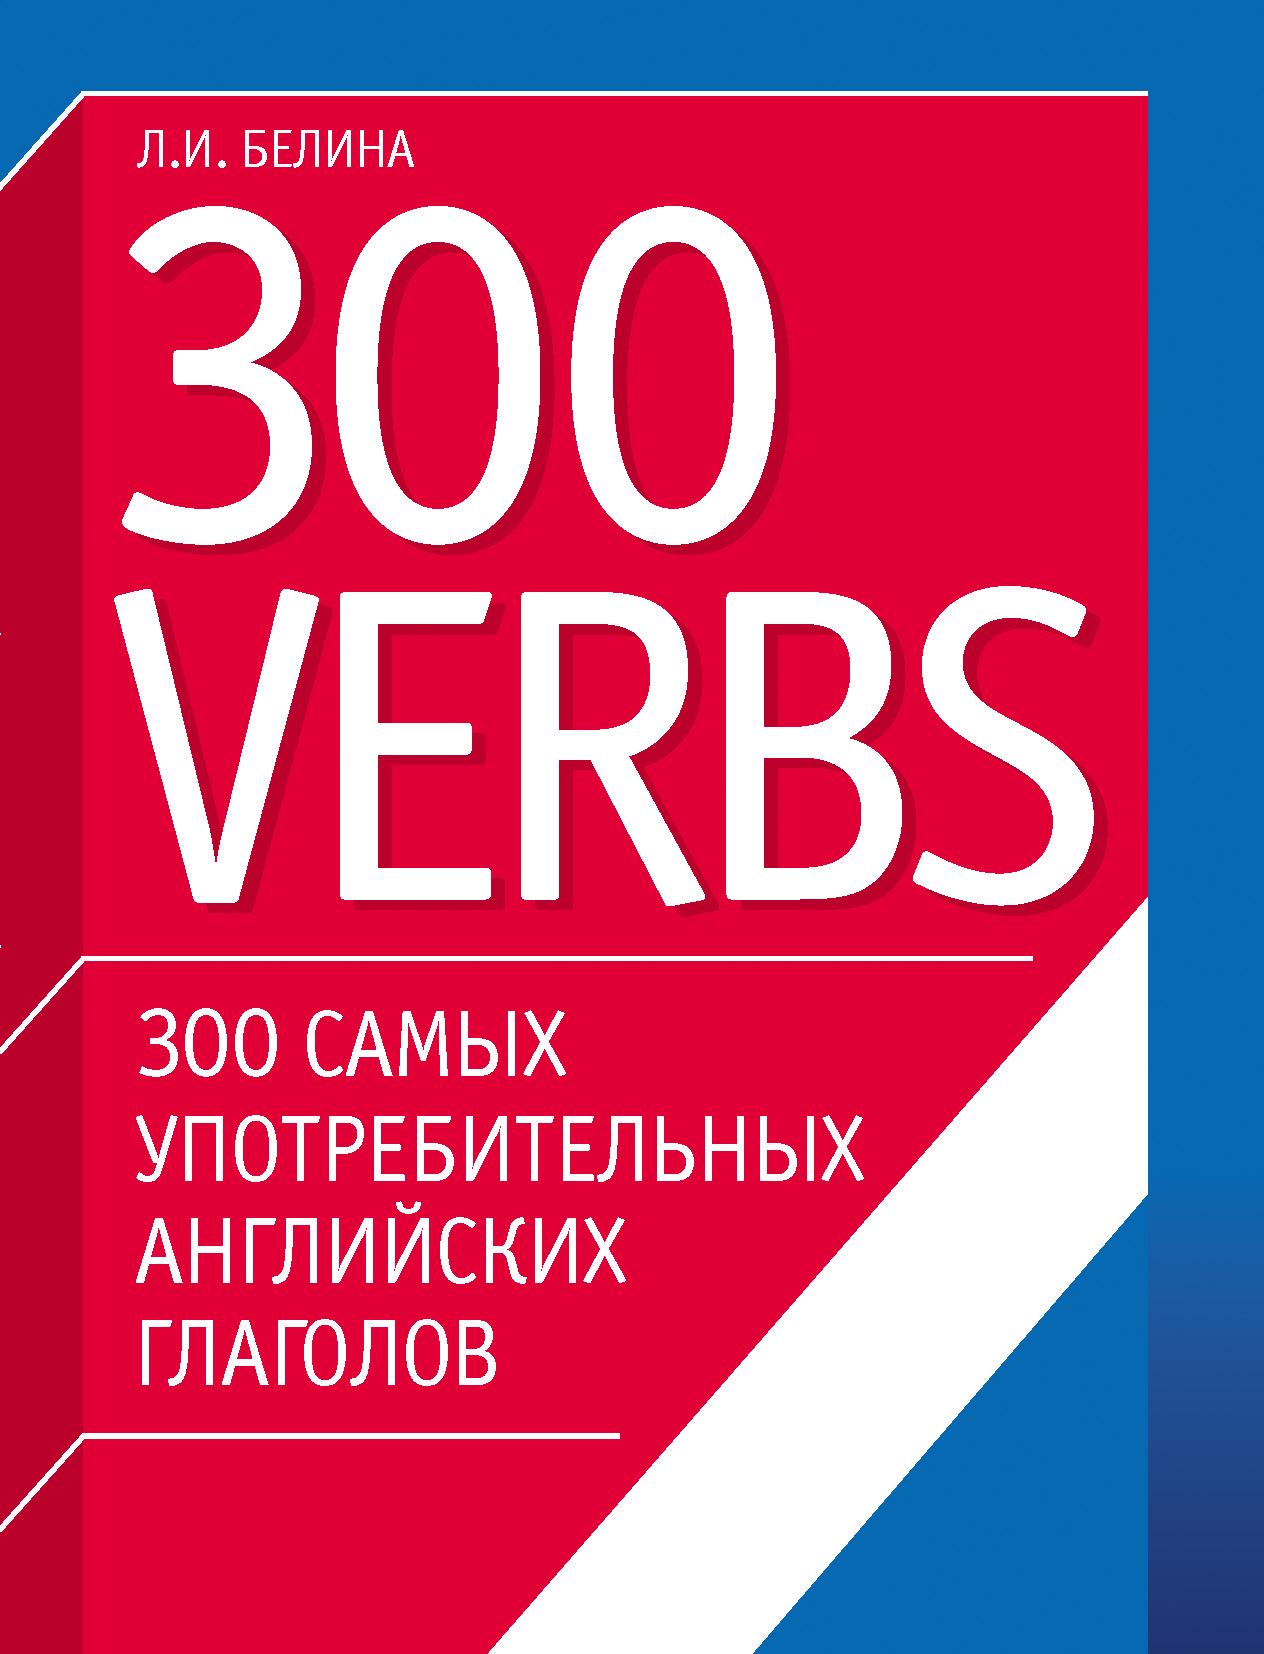 Л. И. Белина 300 самых употребительных английских глаголов. 300 verbs караванова наталья борисовна 250 самых употребительных английских фразовых глаголов